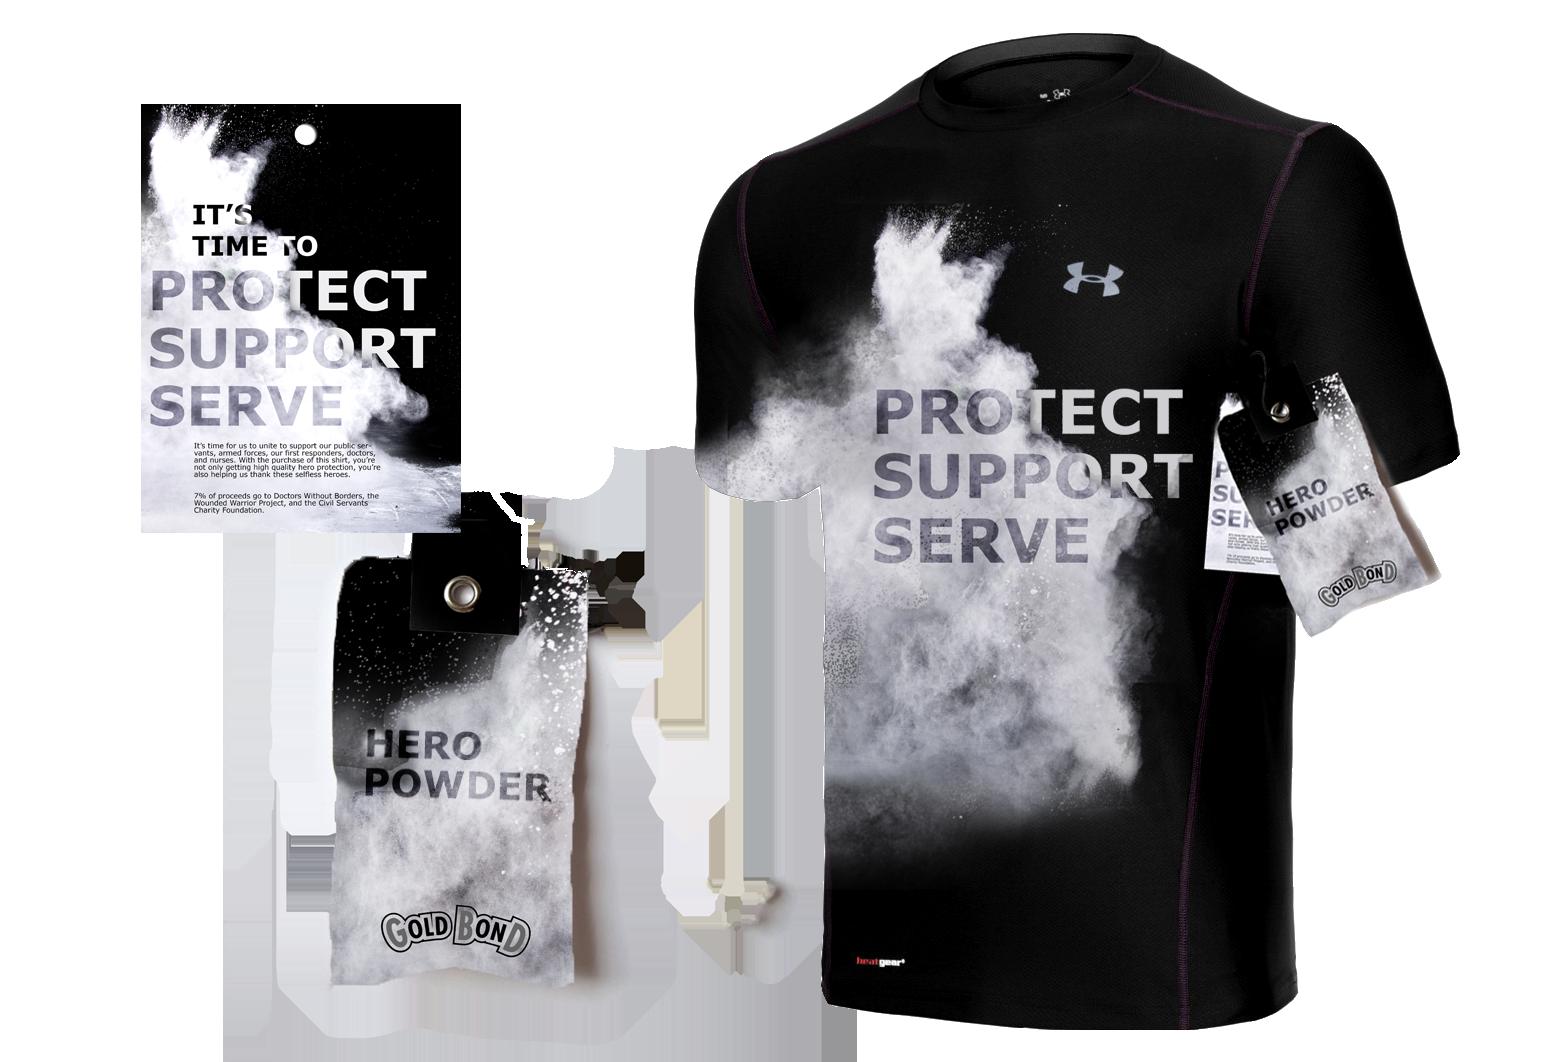 UA_Shirt and tag.png